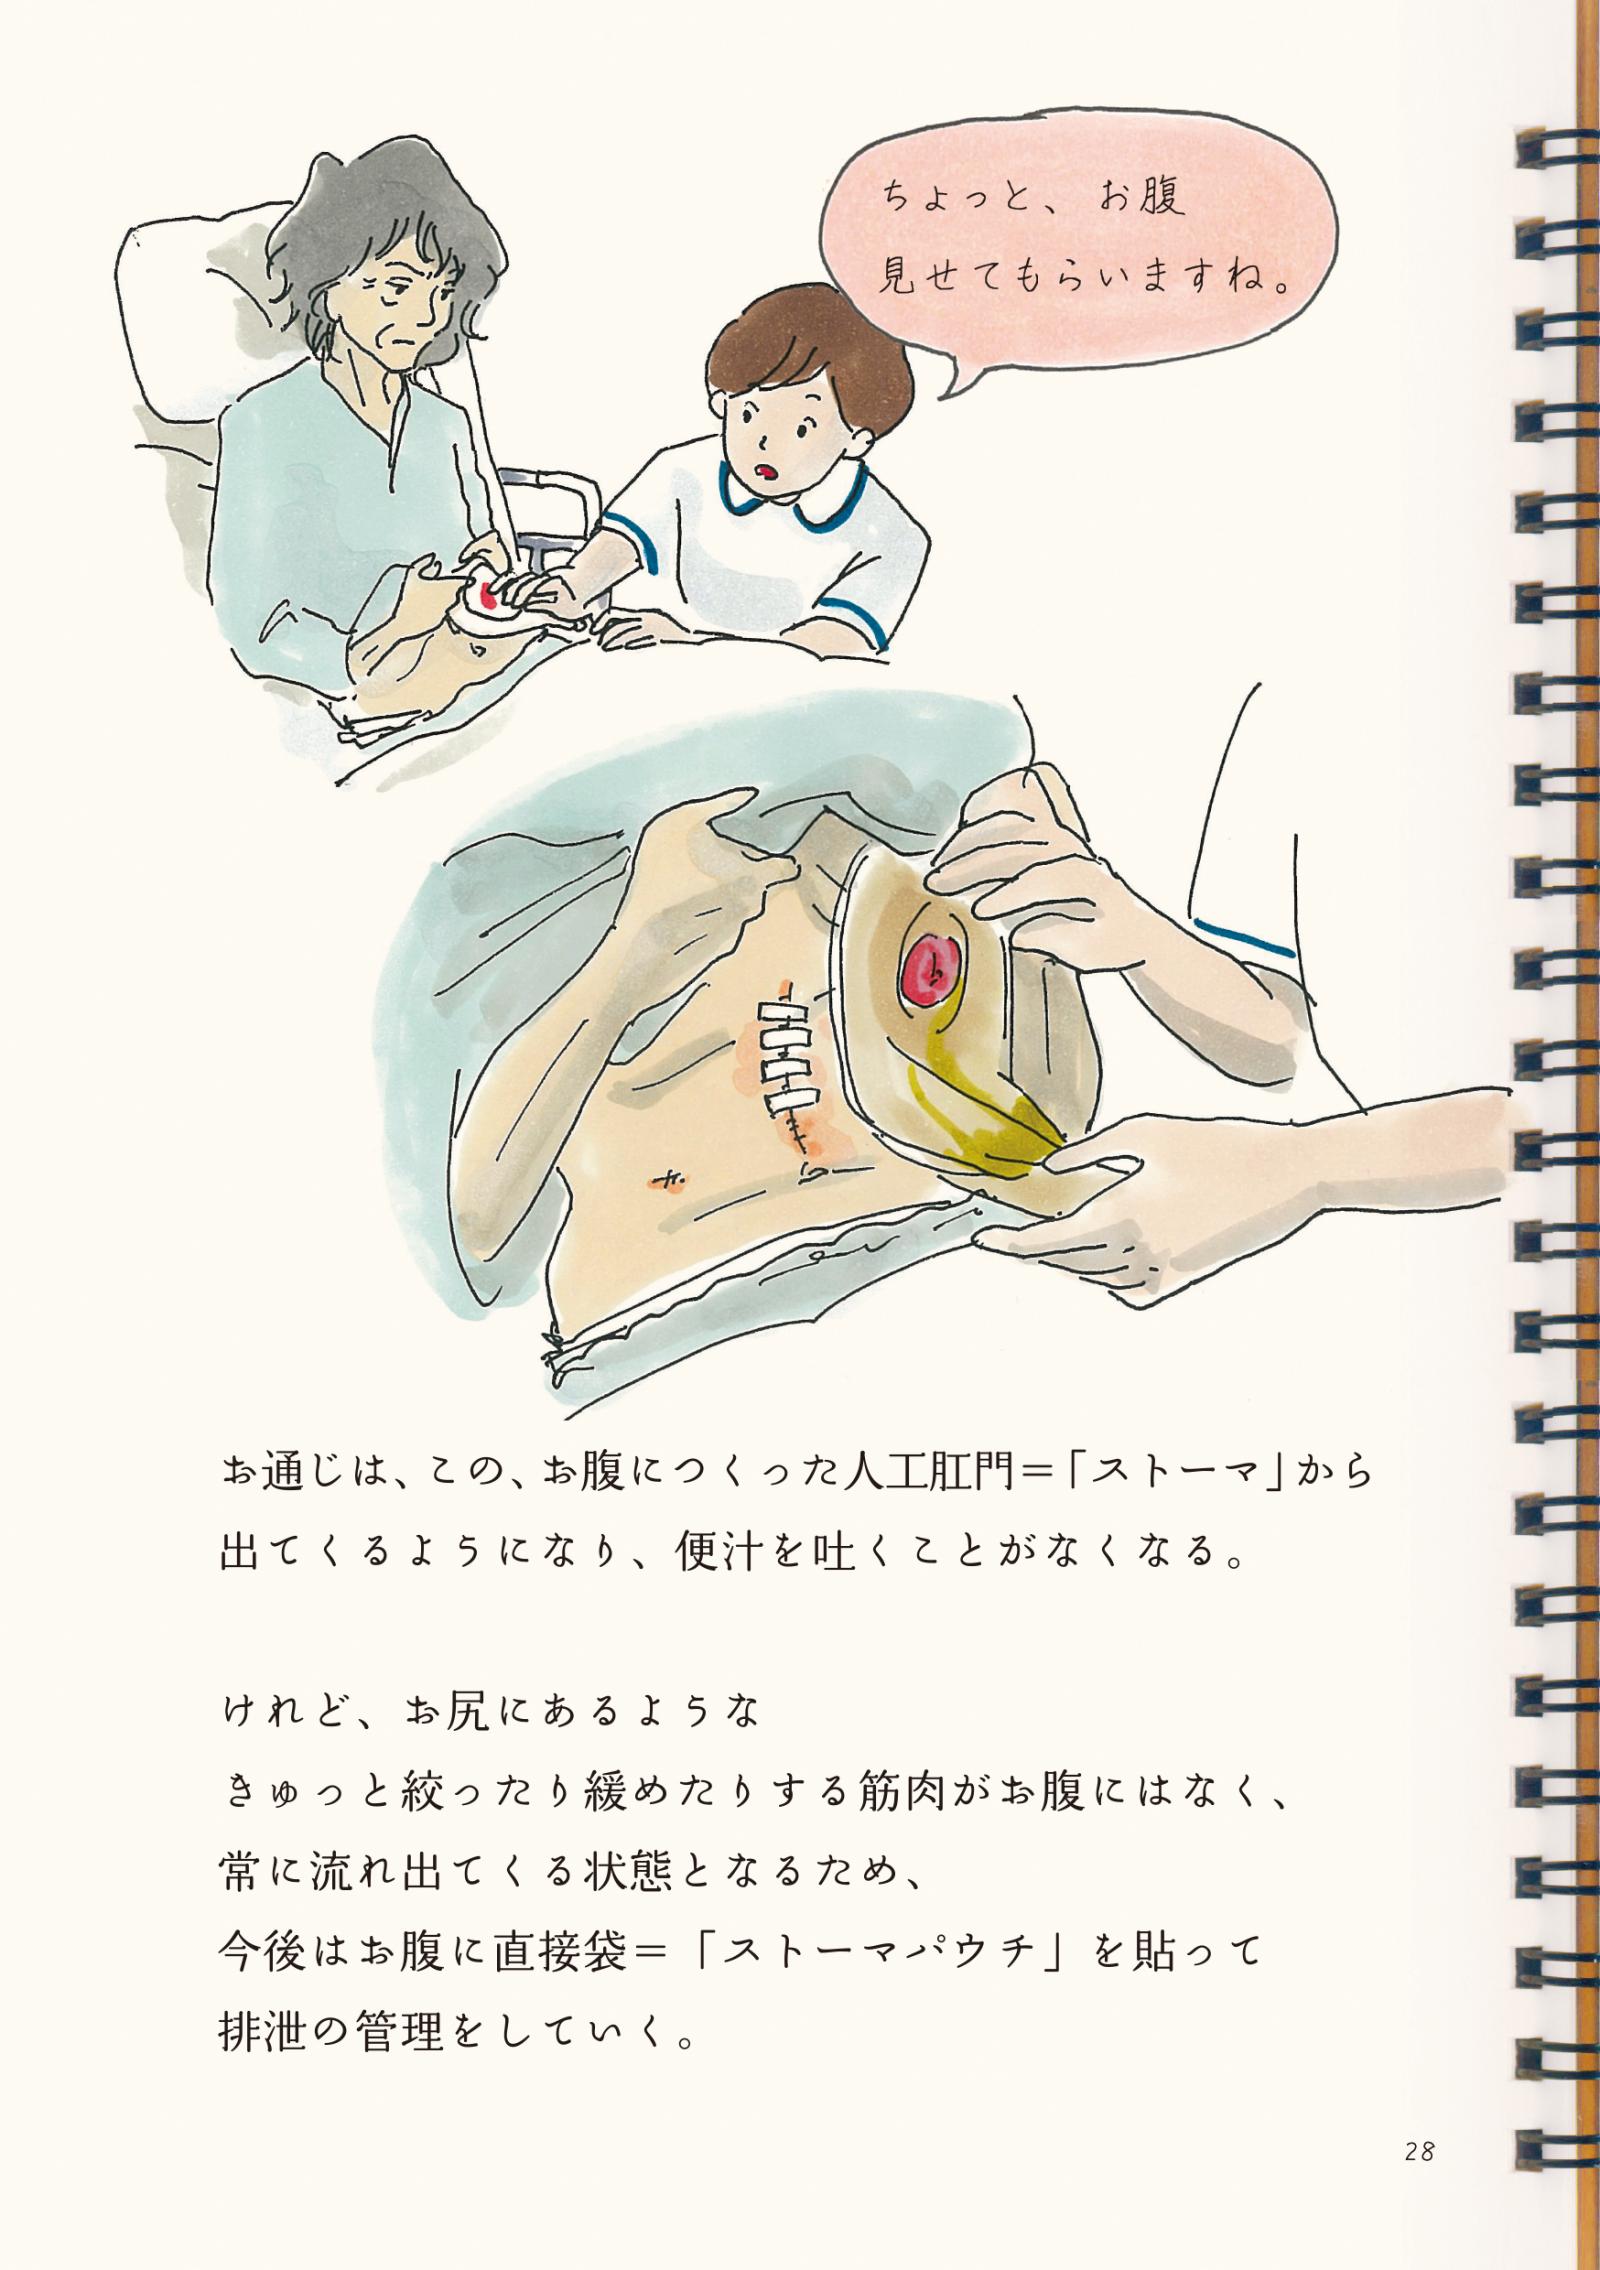 『病院というヘンテコな場所が教えてくれたコト。2』12P